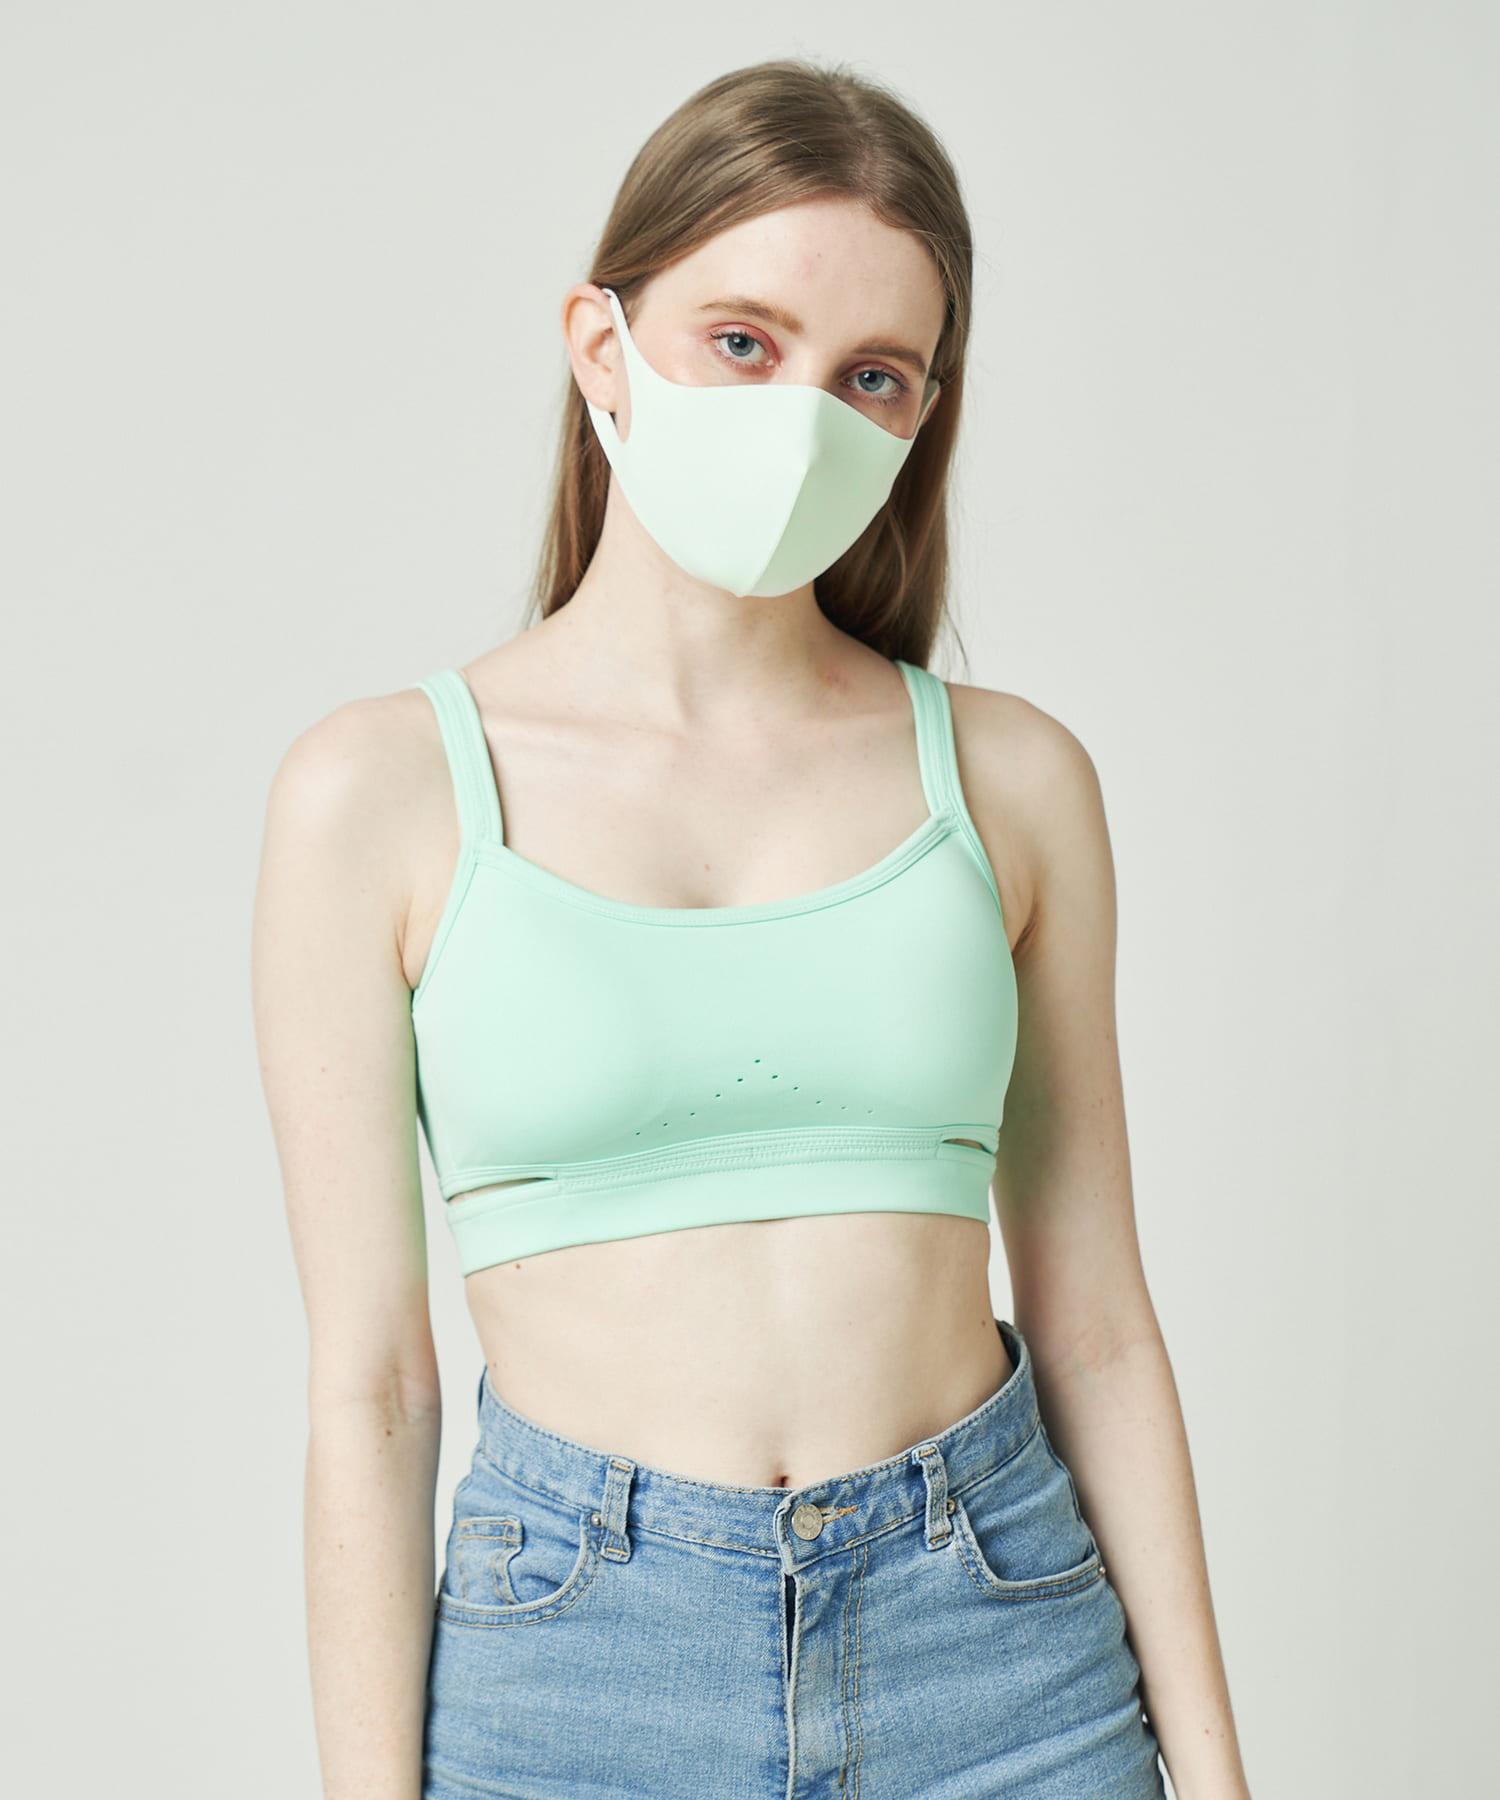 Daily russet(デイリー ラシット) レディース 【抗ウイルス・撥水・消臭・口臭予防】AIR GILLマスク ミント